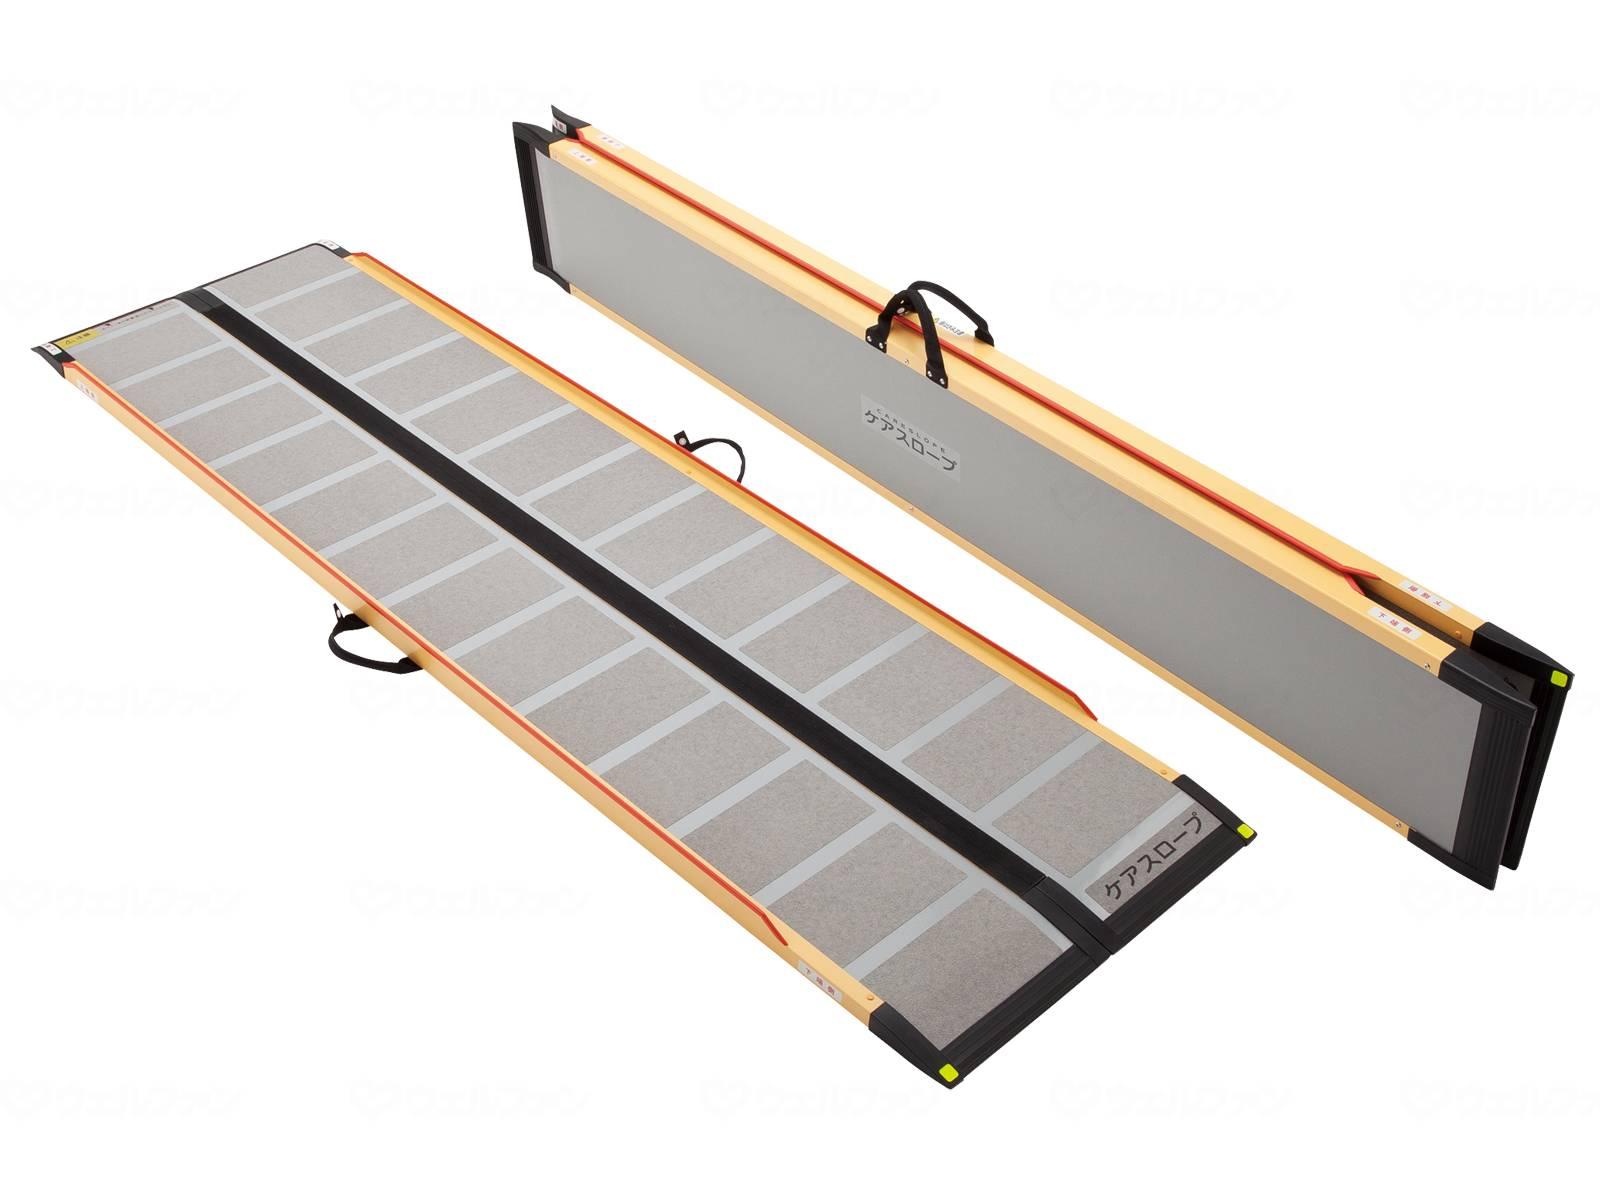 可搬型スロープ ケアスロープ(カーボン) 2.4mの画像